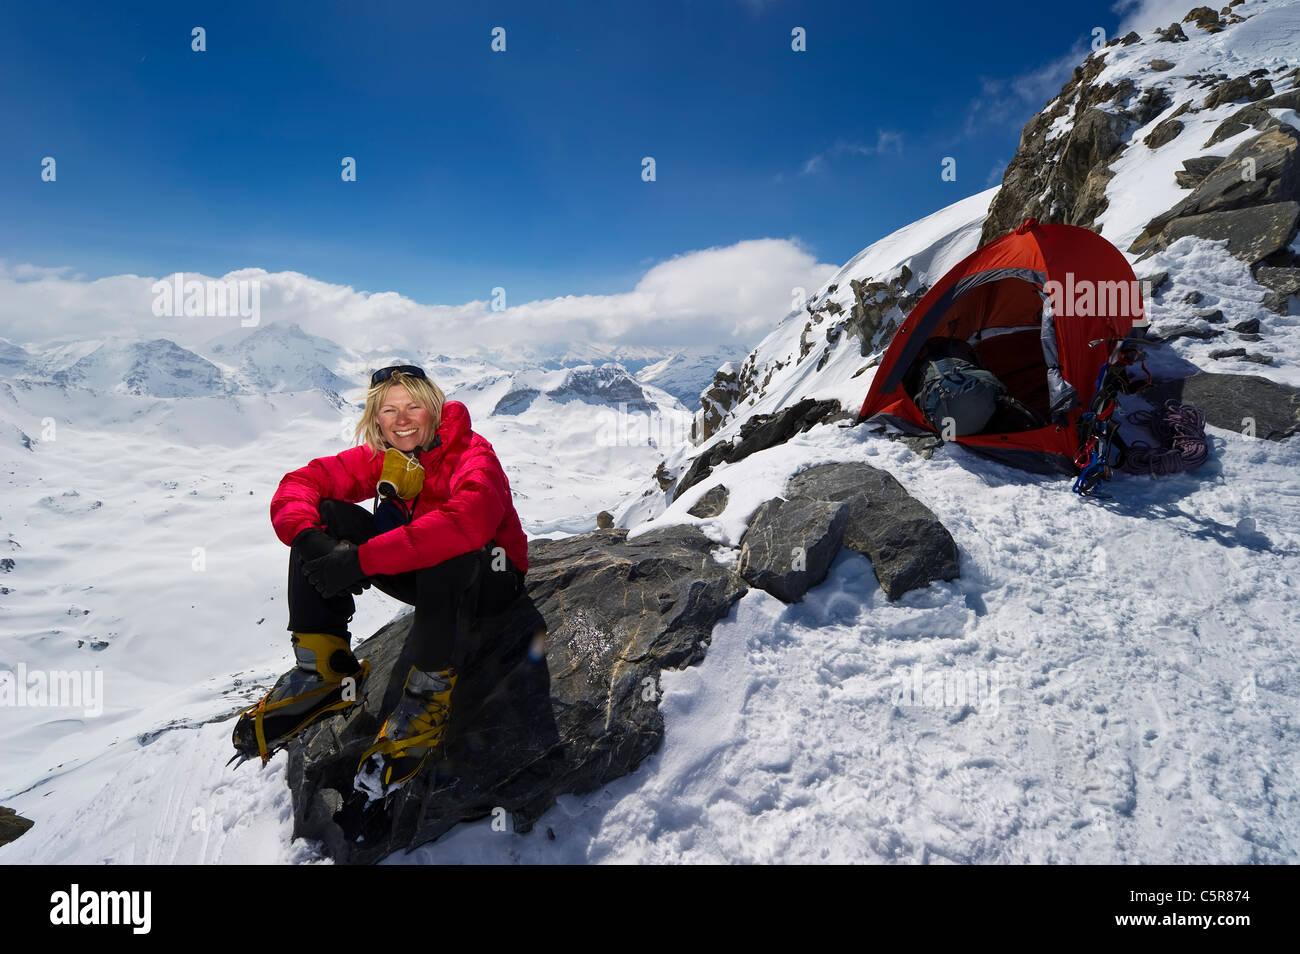 L'alpiniste de détente sur un rocher après des journées d'escalade. Photo Stock